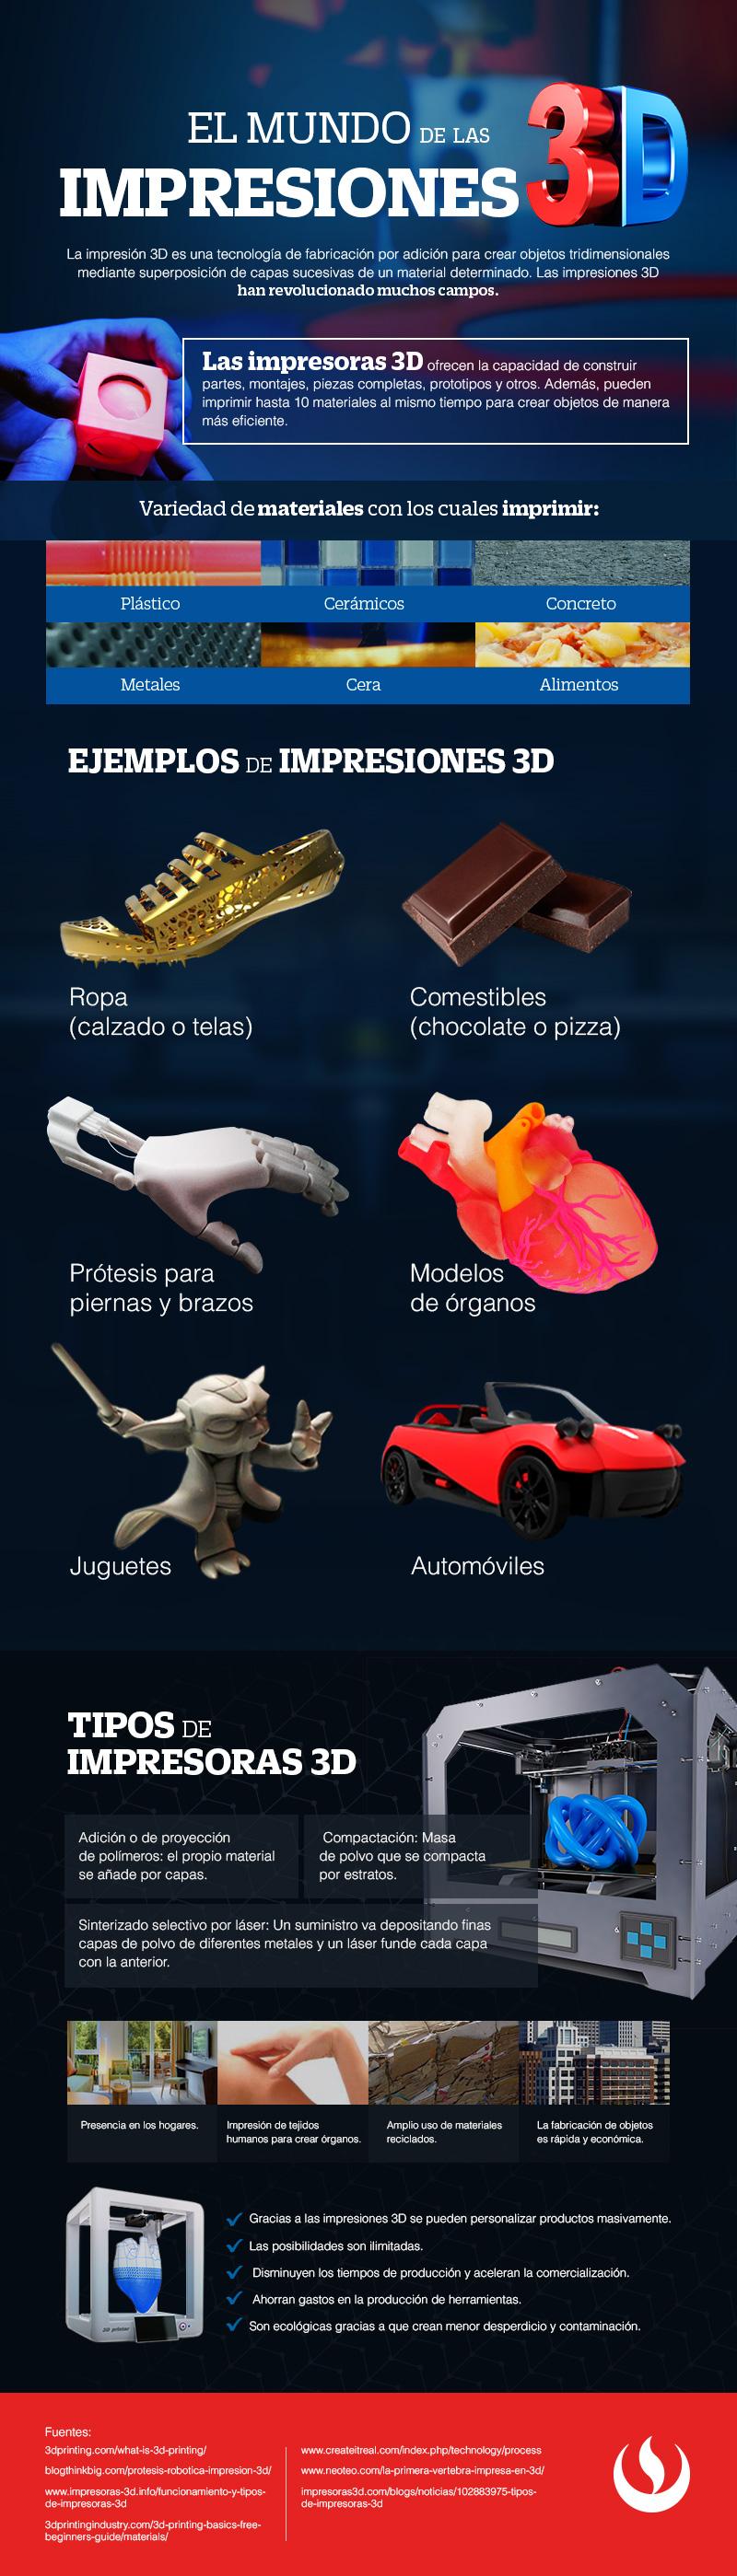 El mundo de las impresiones 3D